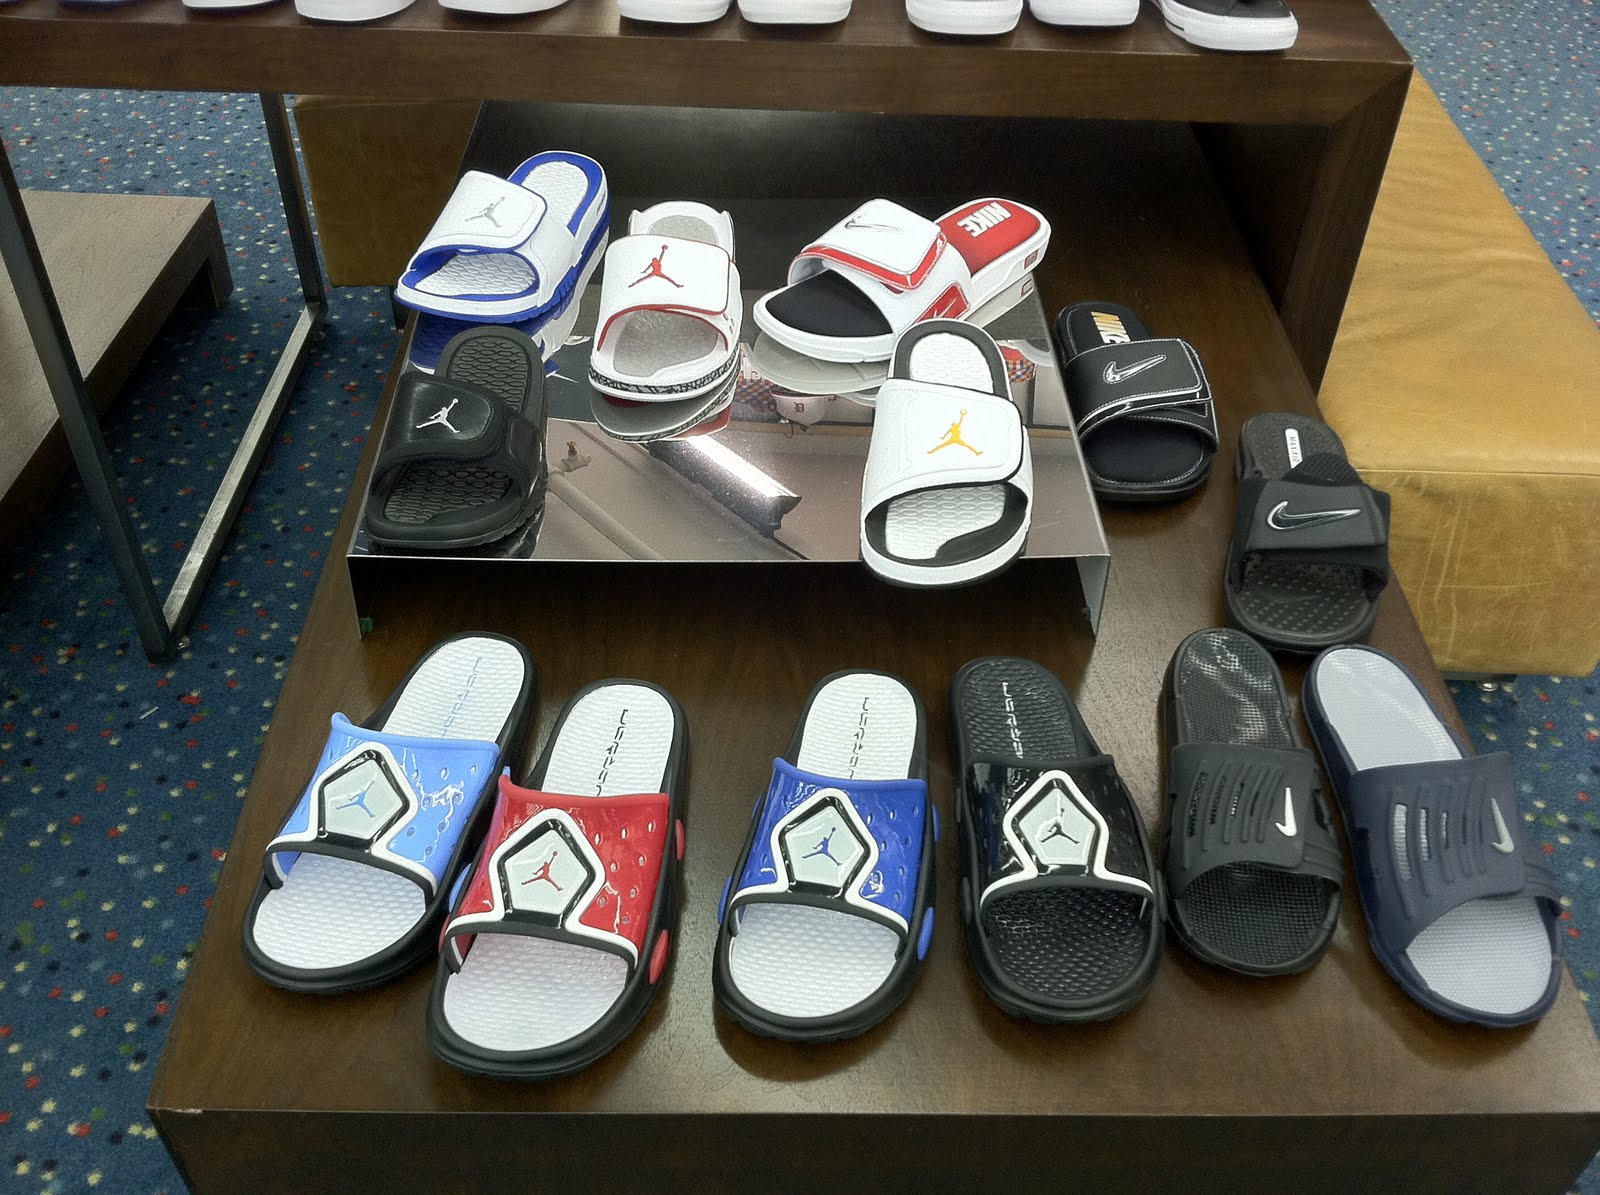 http://3.bp.blogspot.com/-EWFa05NT2oA/Te6S0Xx1w2I/AAAAAAAAAY0/l_vefeeksmw/s1600/Nike%2BFLip%2BFlops.JPG